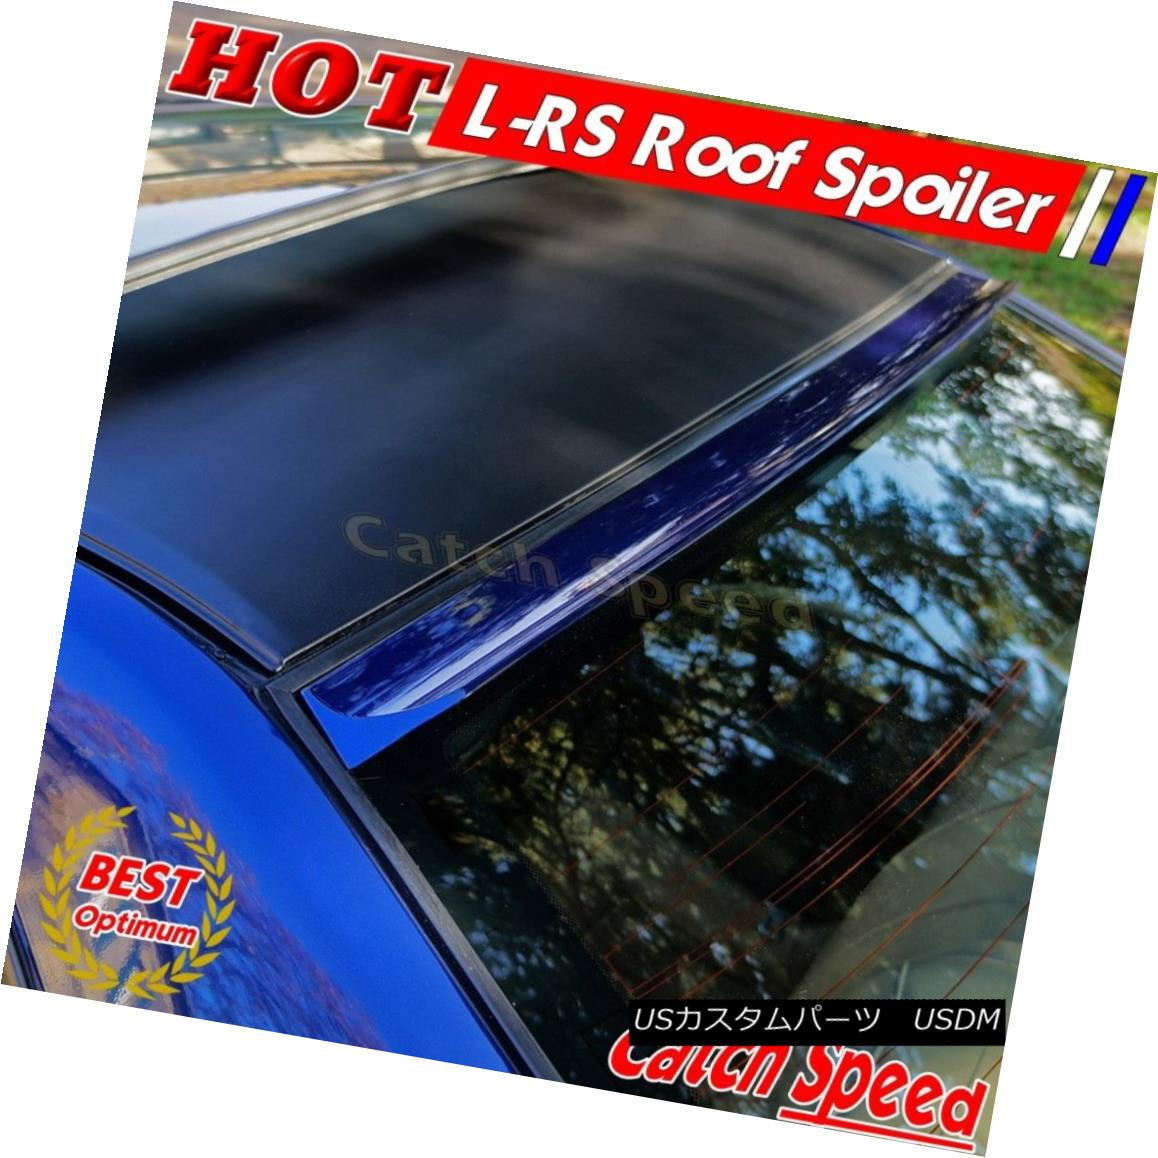 エアロパーツ Painted LRS Type Rear Window Roof Spoiler For Chevrolet Cavalier 2003-05 COUPE ? 塗装されたLRSタイプ後部ルーフスポイラー(シボレーキャバリア2003-05 COUPE用)?